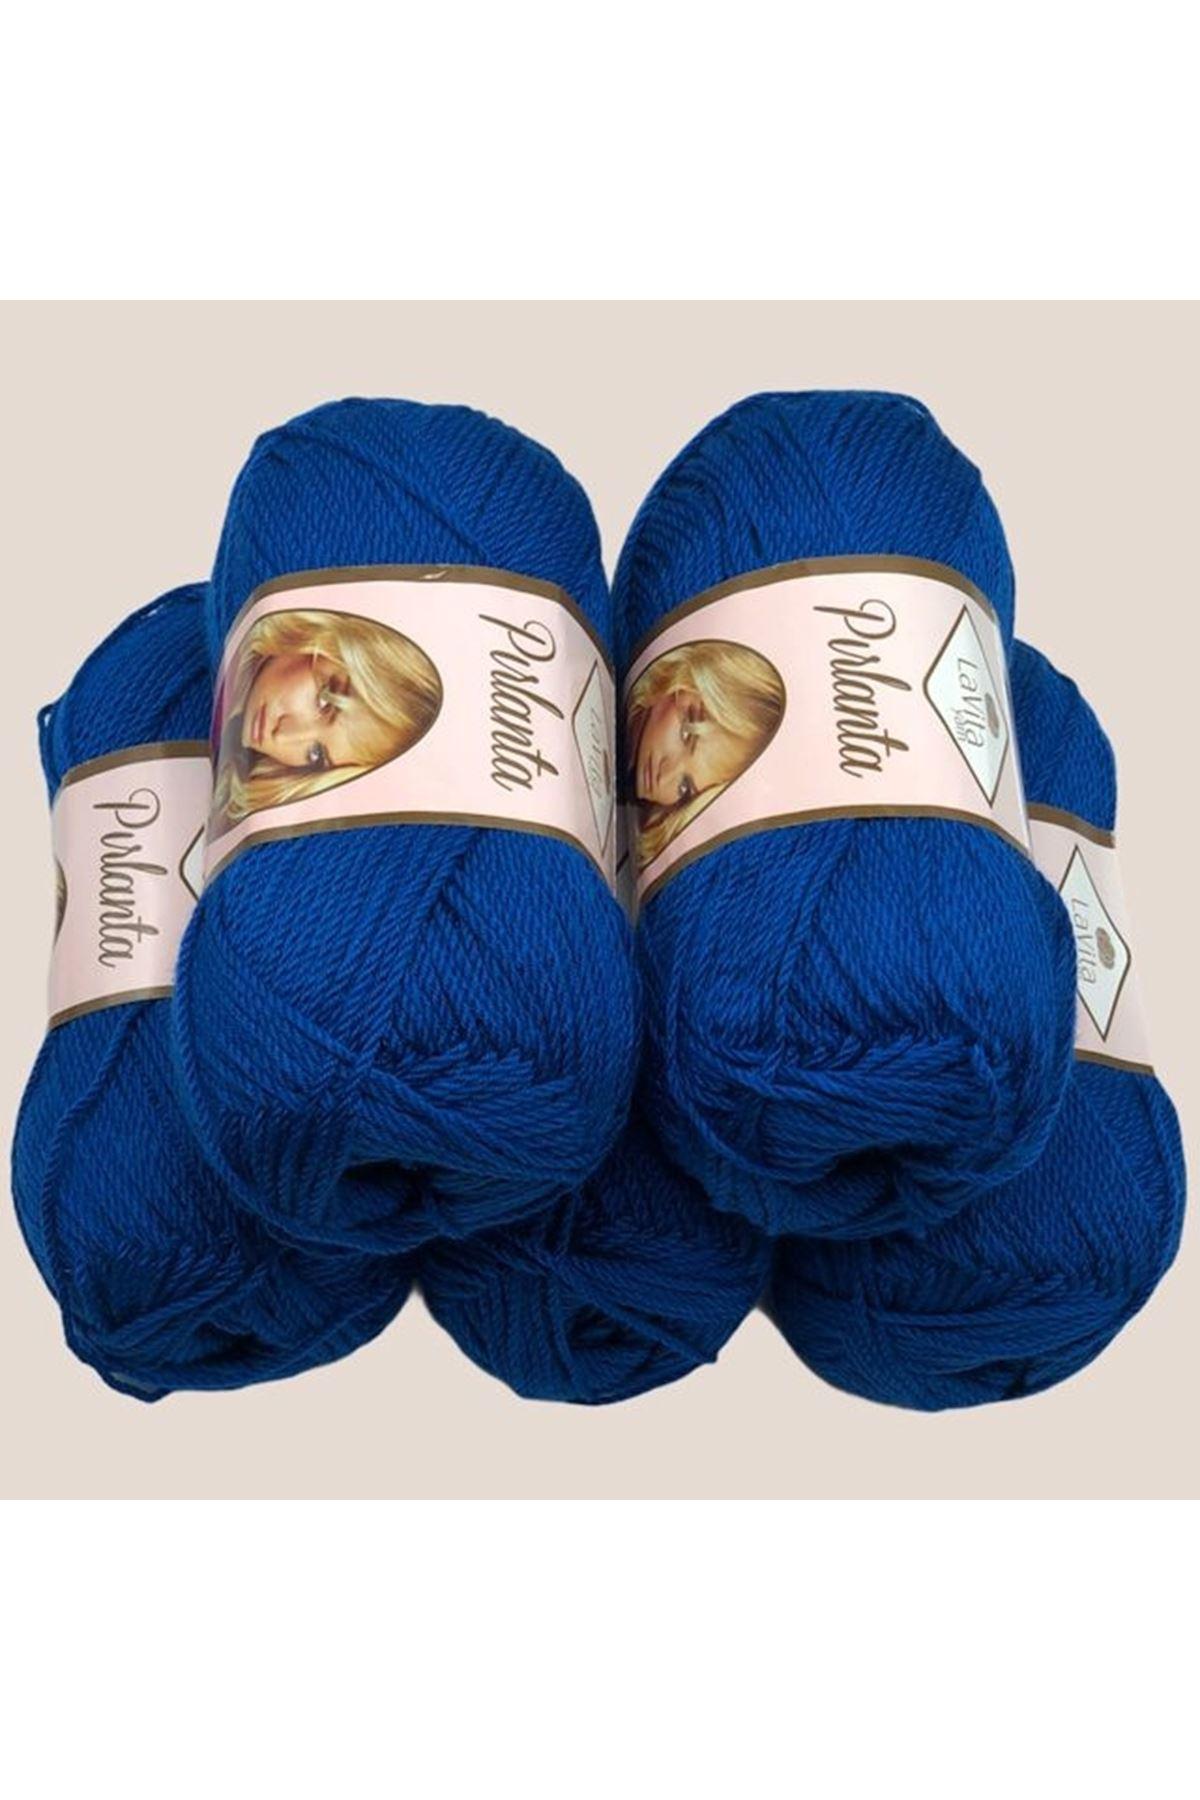 Lavita Pırlanta - 5'li Paket 0605 Saks Mavi